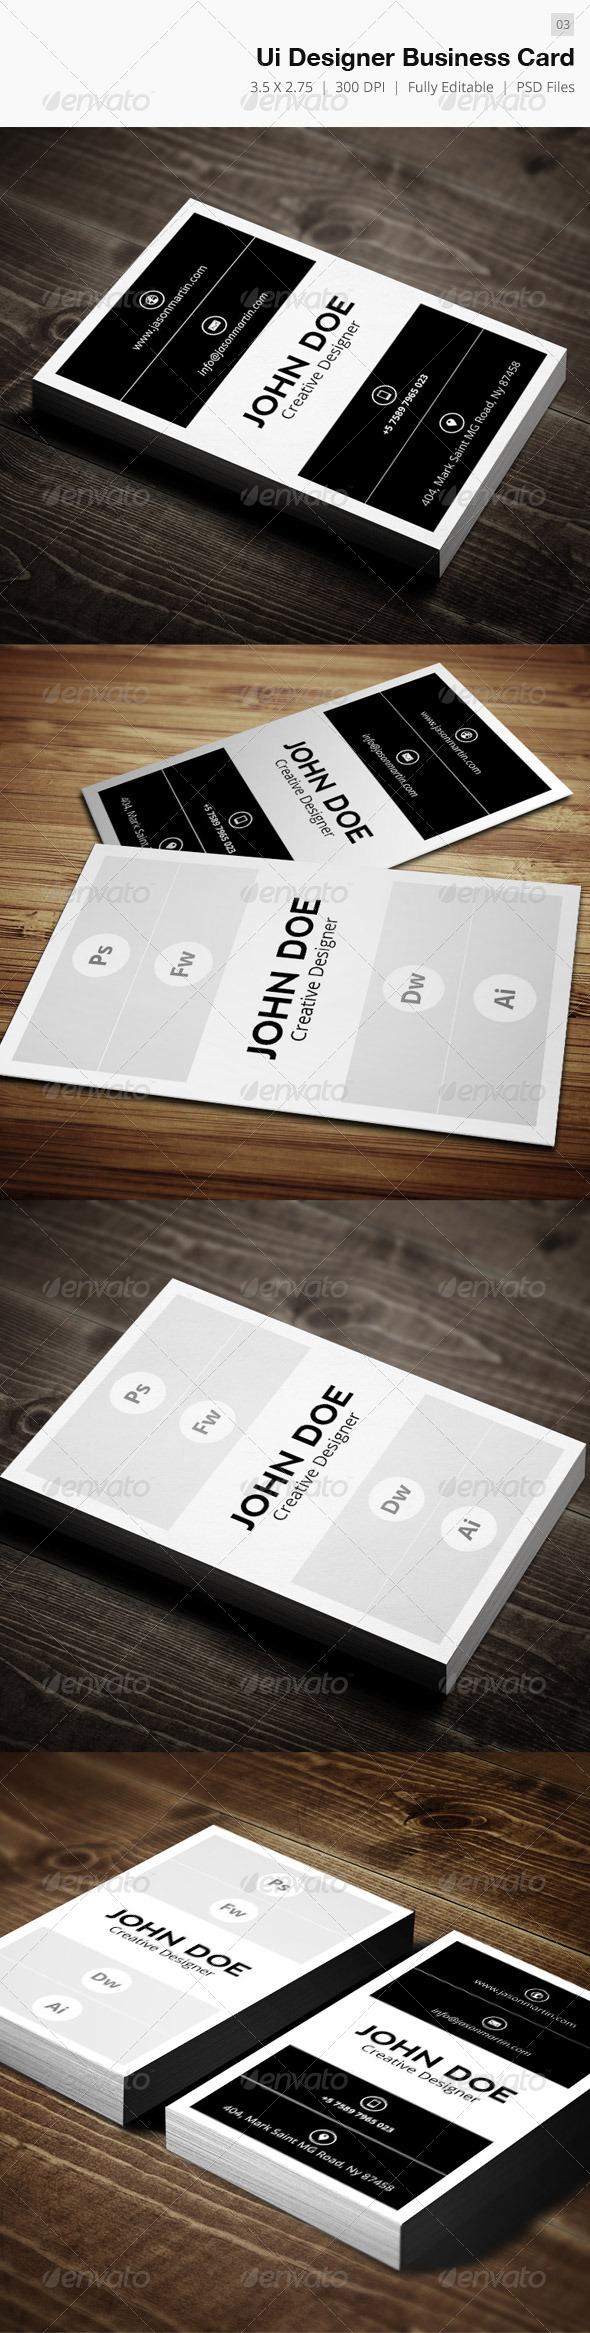 GraphicRiver Ui Designer Business Card 03 4426565